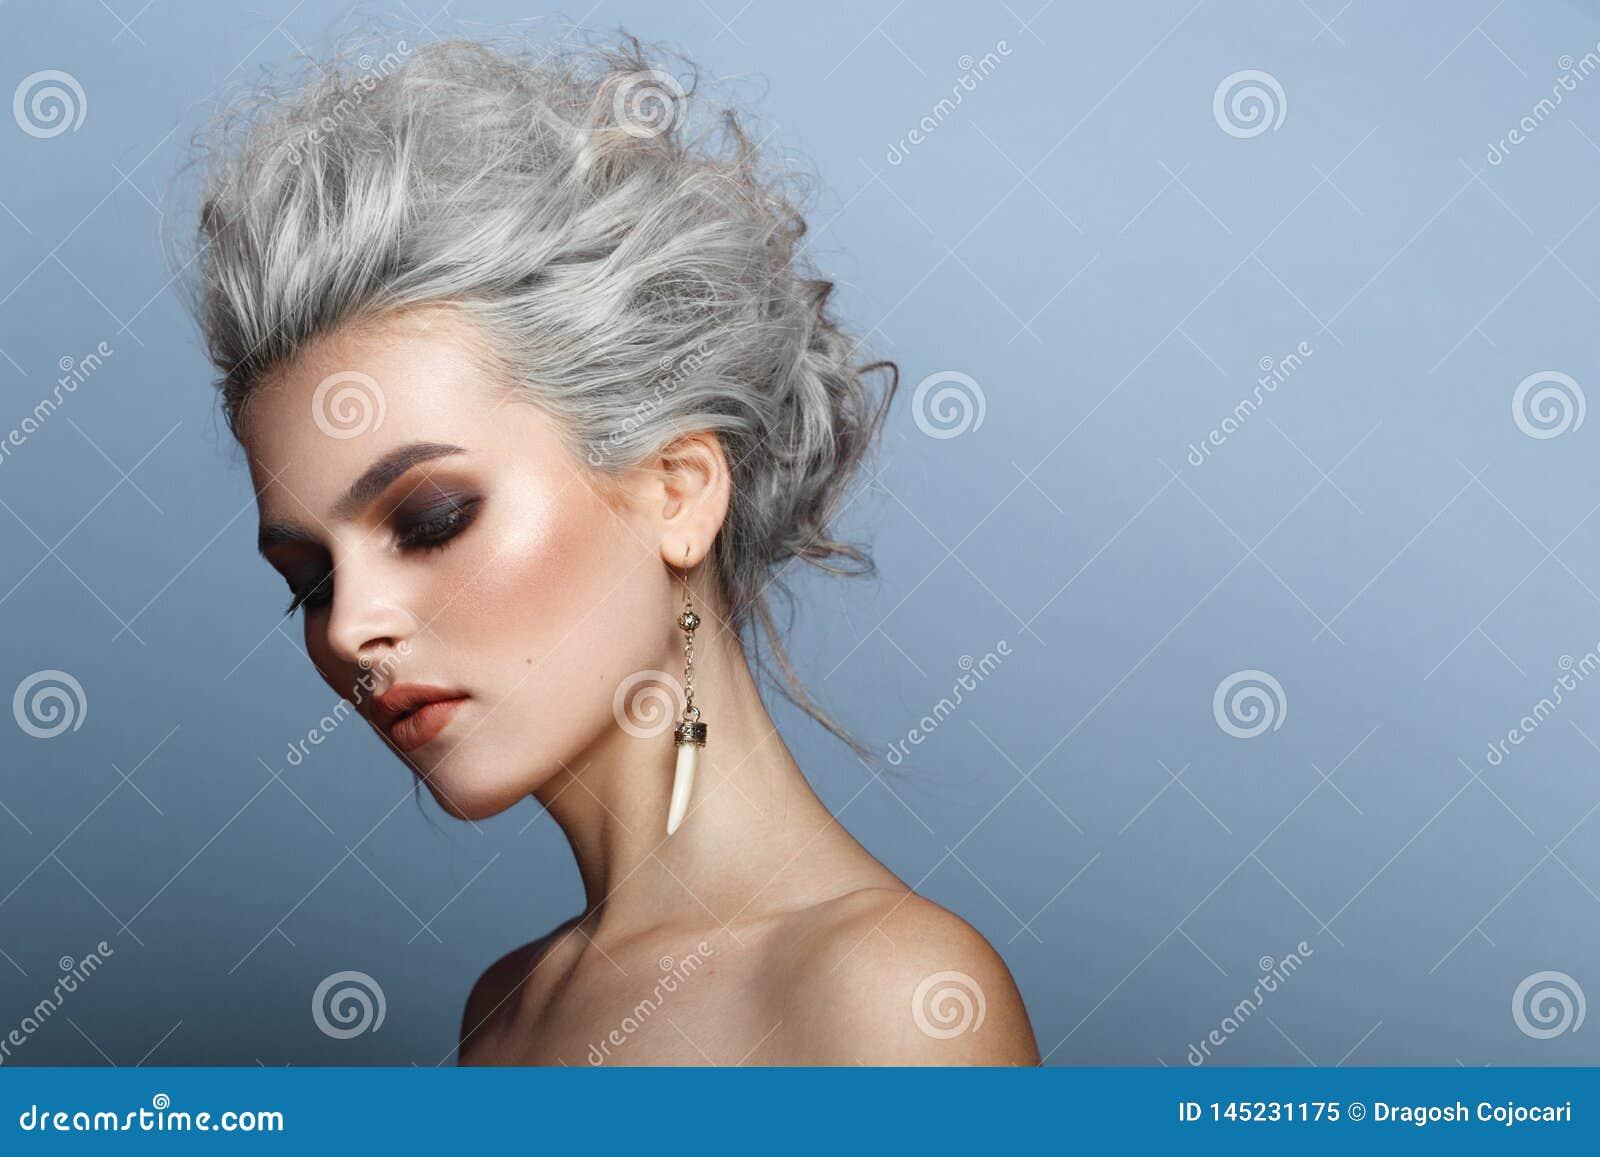 Il ritratto di profilo giovane della donna bionda alla moda e splendida, compone, spalle nude, su un fondo blu